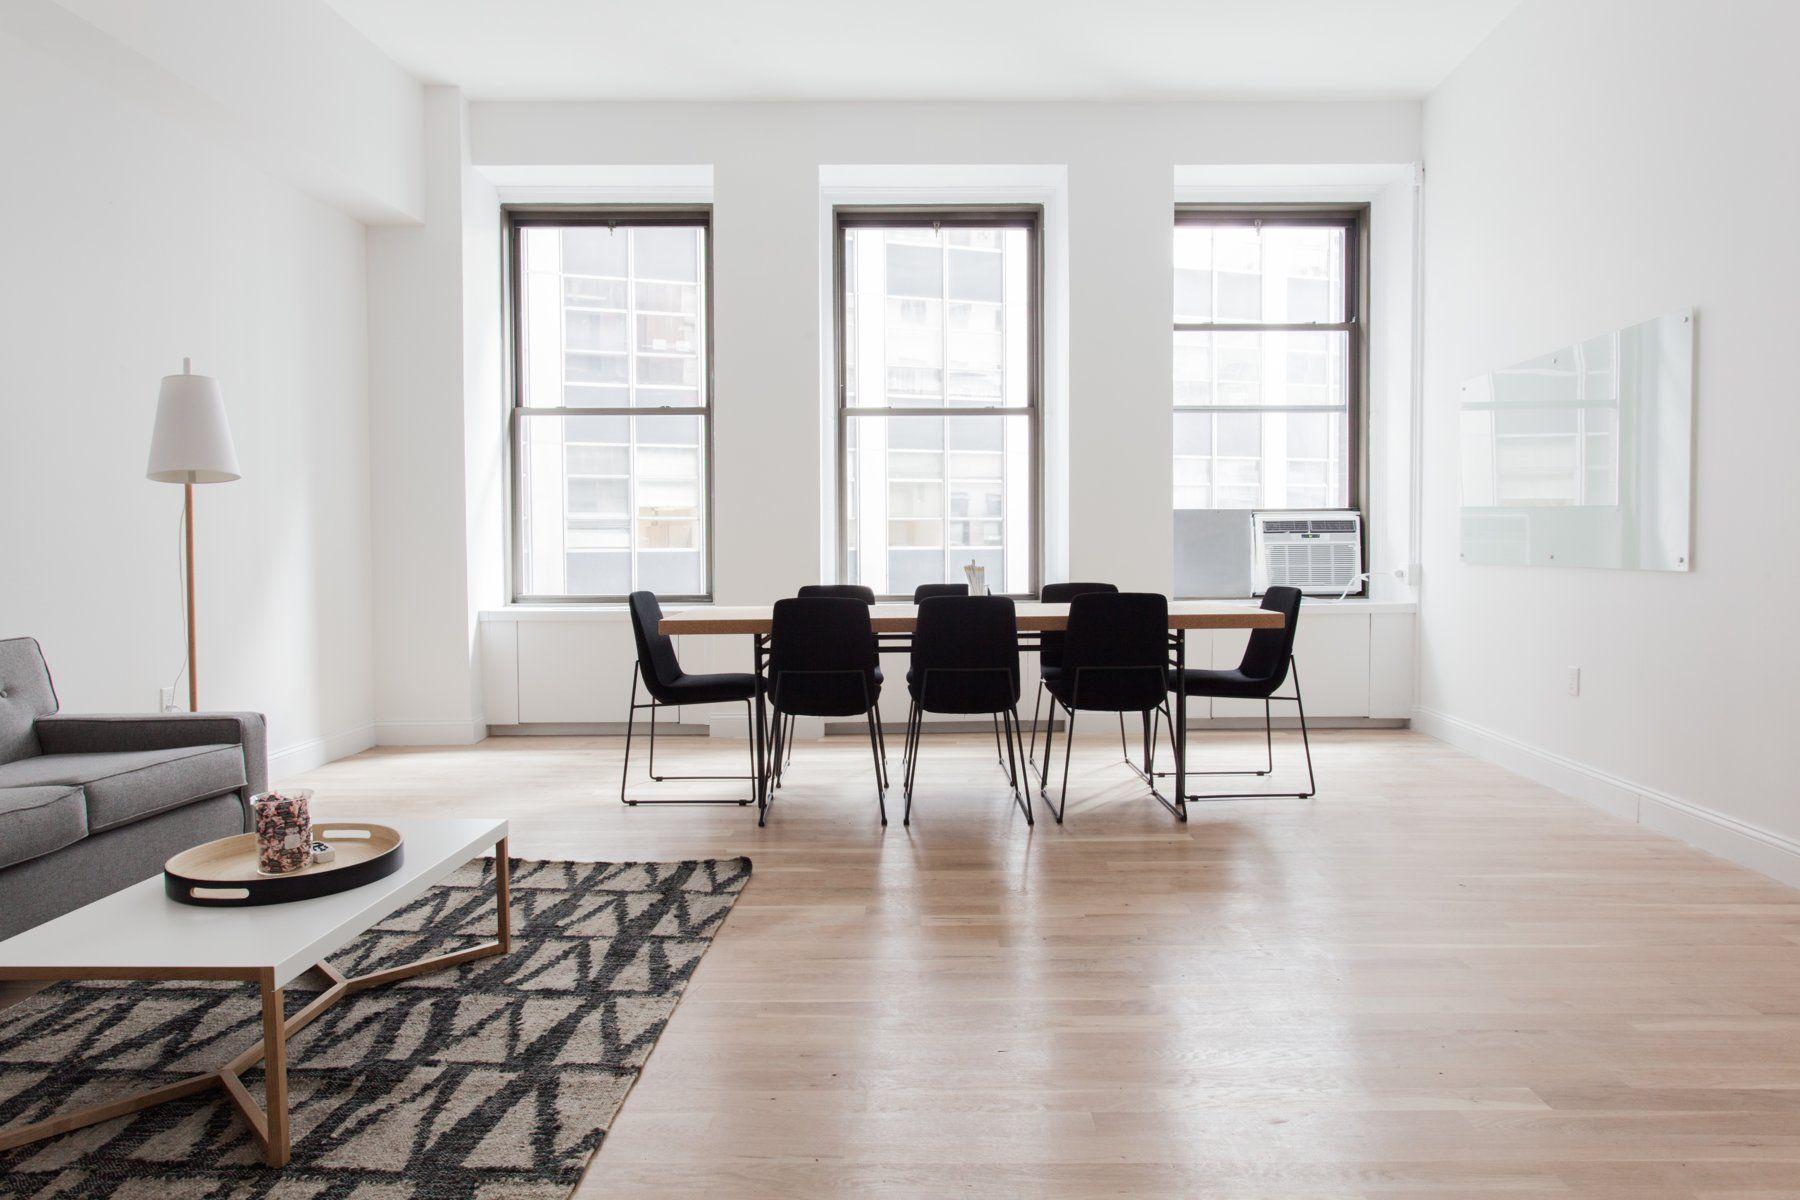 Taxe D Habitation Et Taxe Fonciere 2017 Daveau Conseil Immobilier Lyon